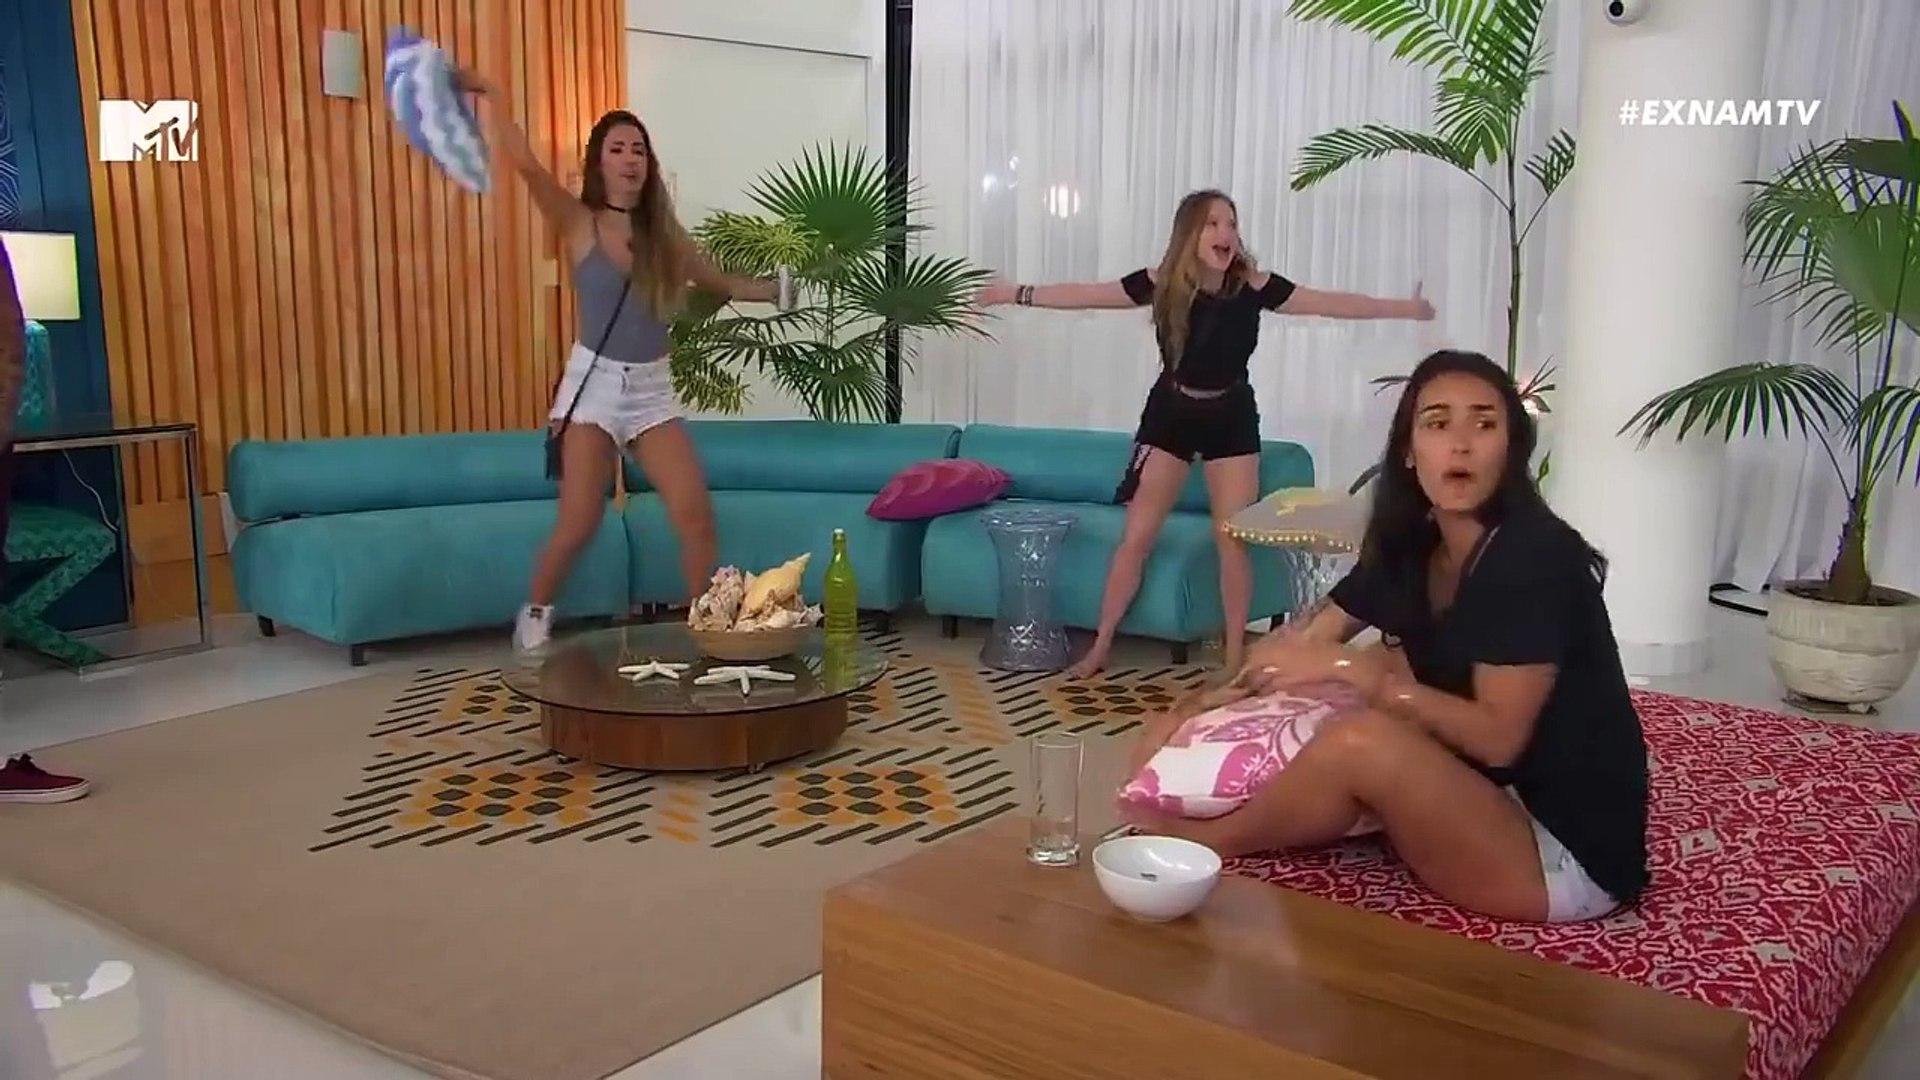 Ta bonito brasil de ferias com o ex 4 temporada